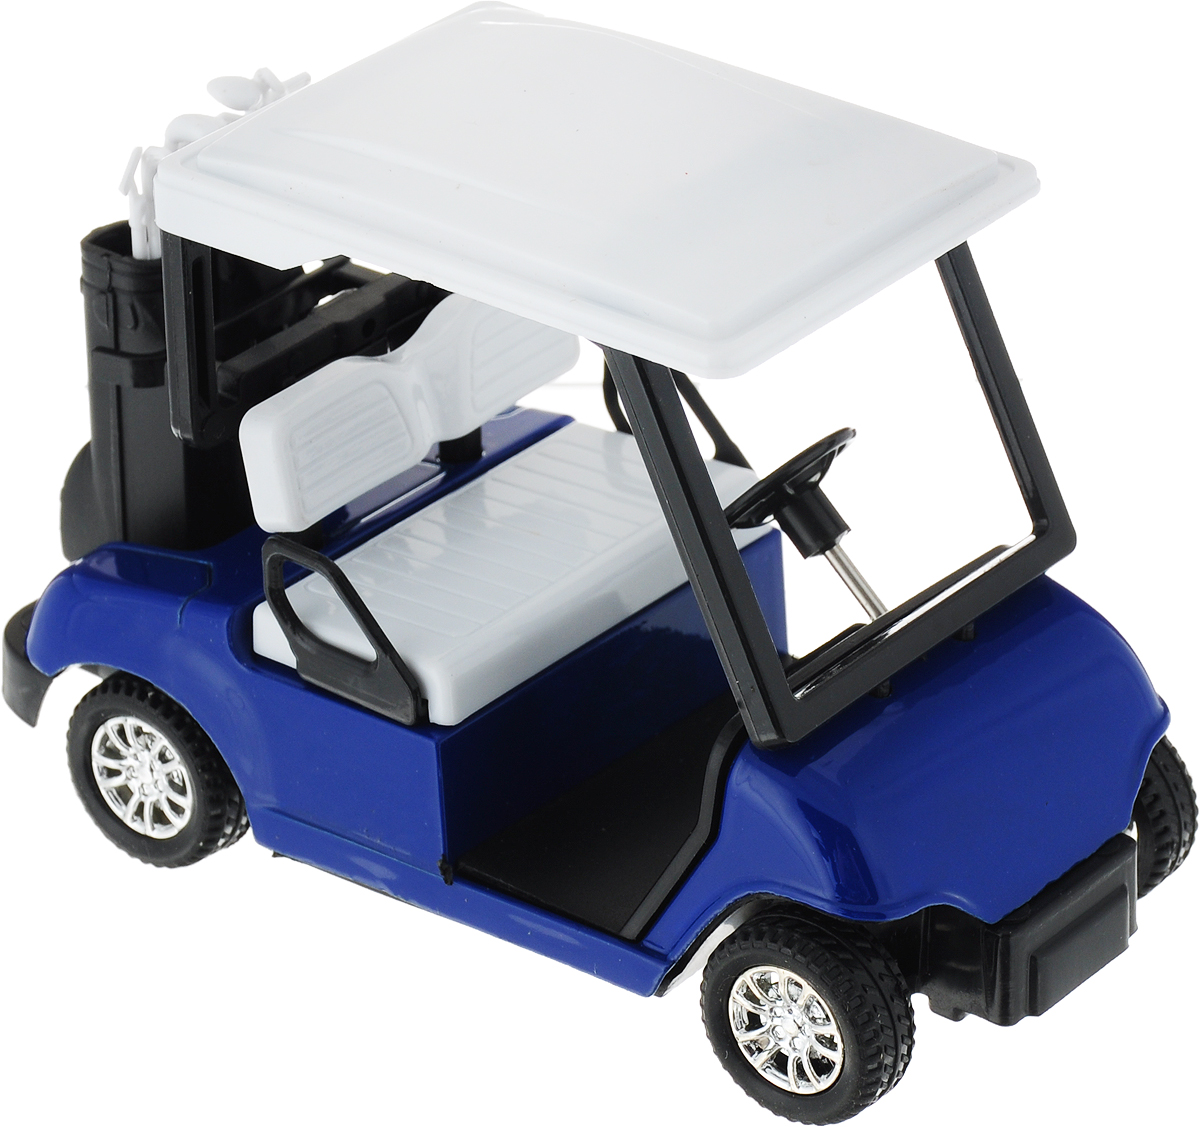 Технопарк Машинка инерционная Гольф-карт цвет синий белый черный технопарк машинка газ 13 чайка цвет черный